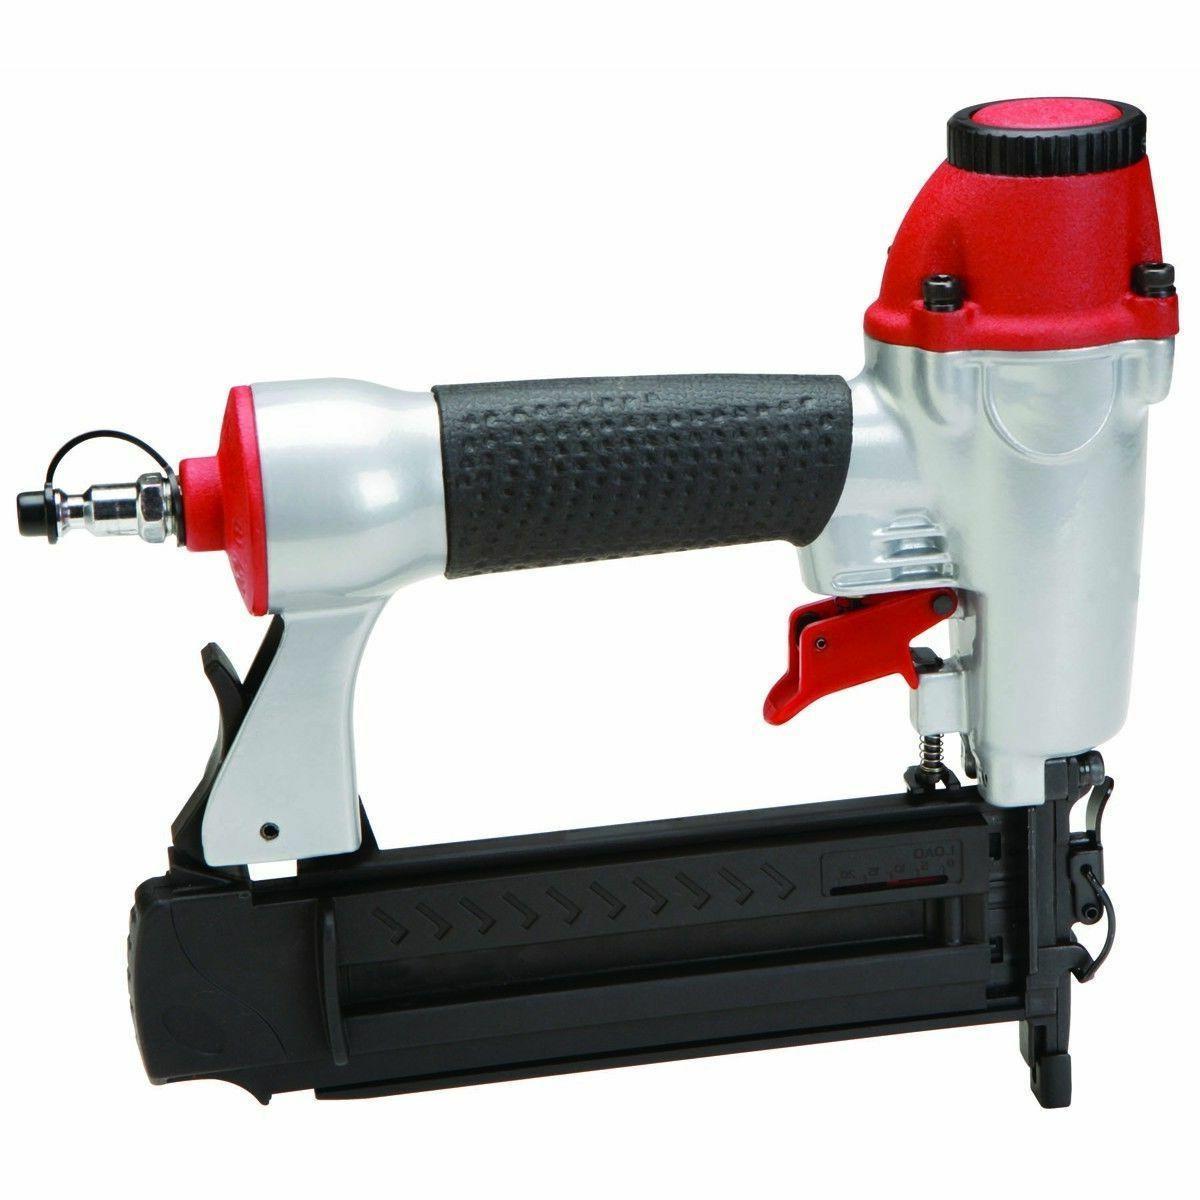 18 Gauge Brad Air Nail/Staple Nail Gun 5/8  to 2 Inch